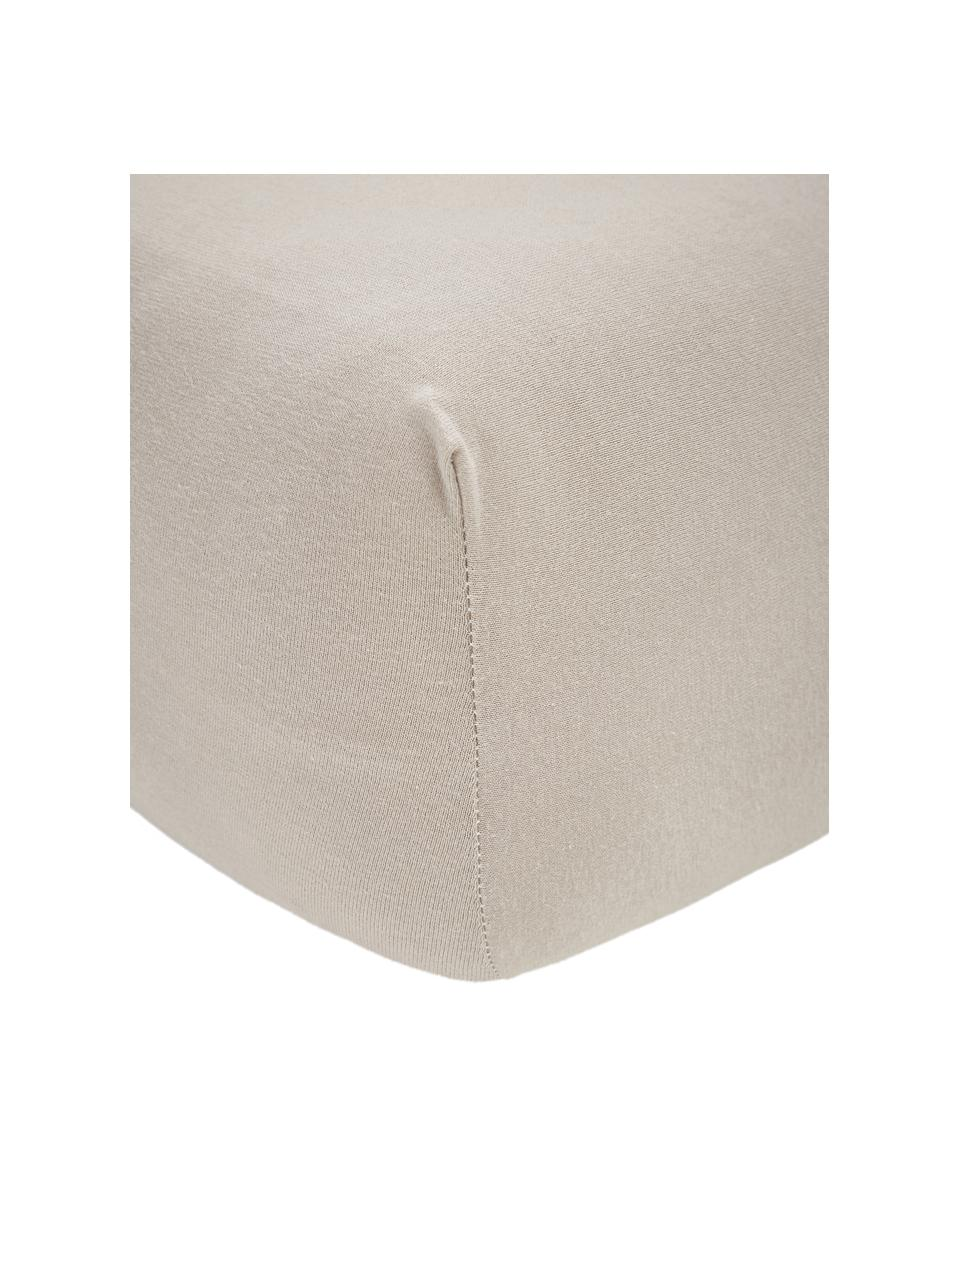 Boxspring-Spannbettlaken Lara in Taupe, Jersey-Elasthan, 95% Baumwolle, 5% Elasthan, Taupe, 200 x 200 cm